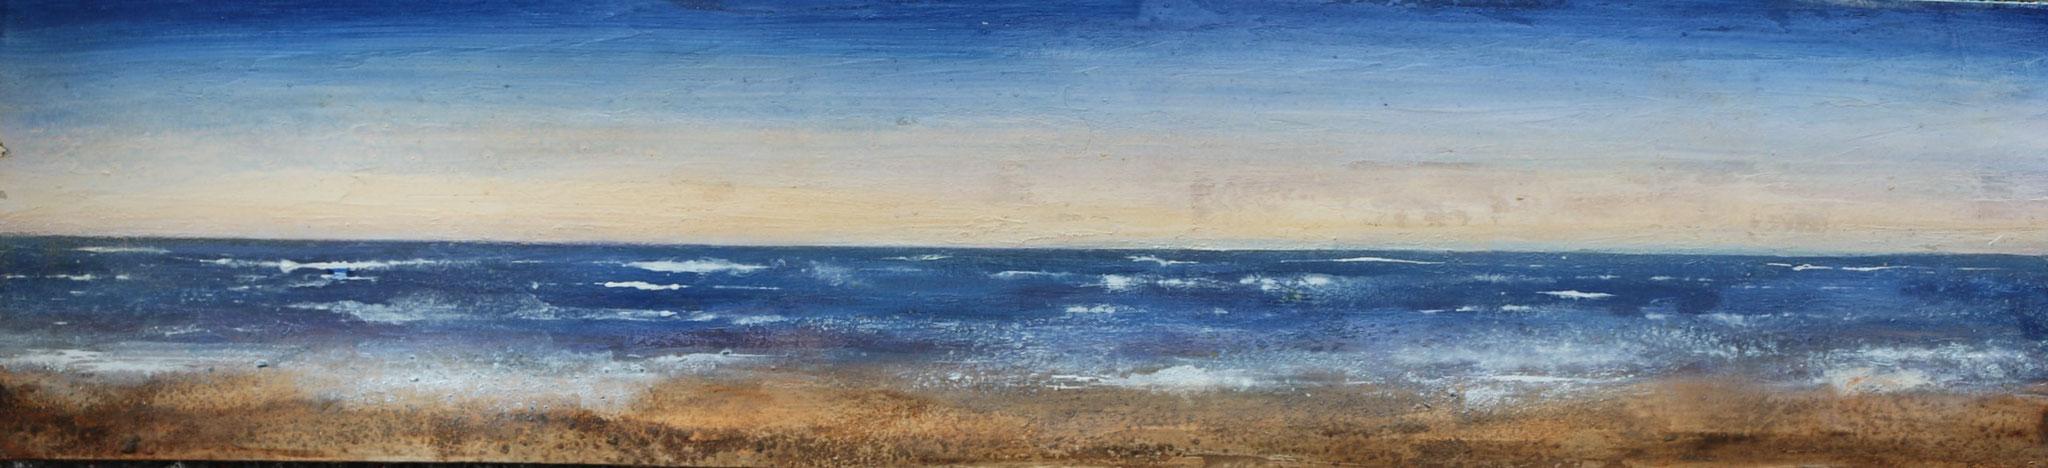 Am Atlanik, Mischtechnik, 22 x 99 cm